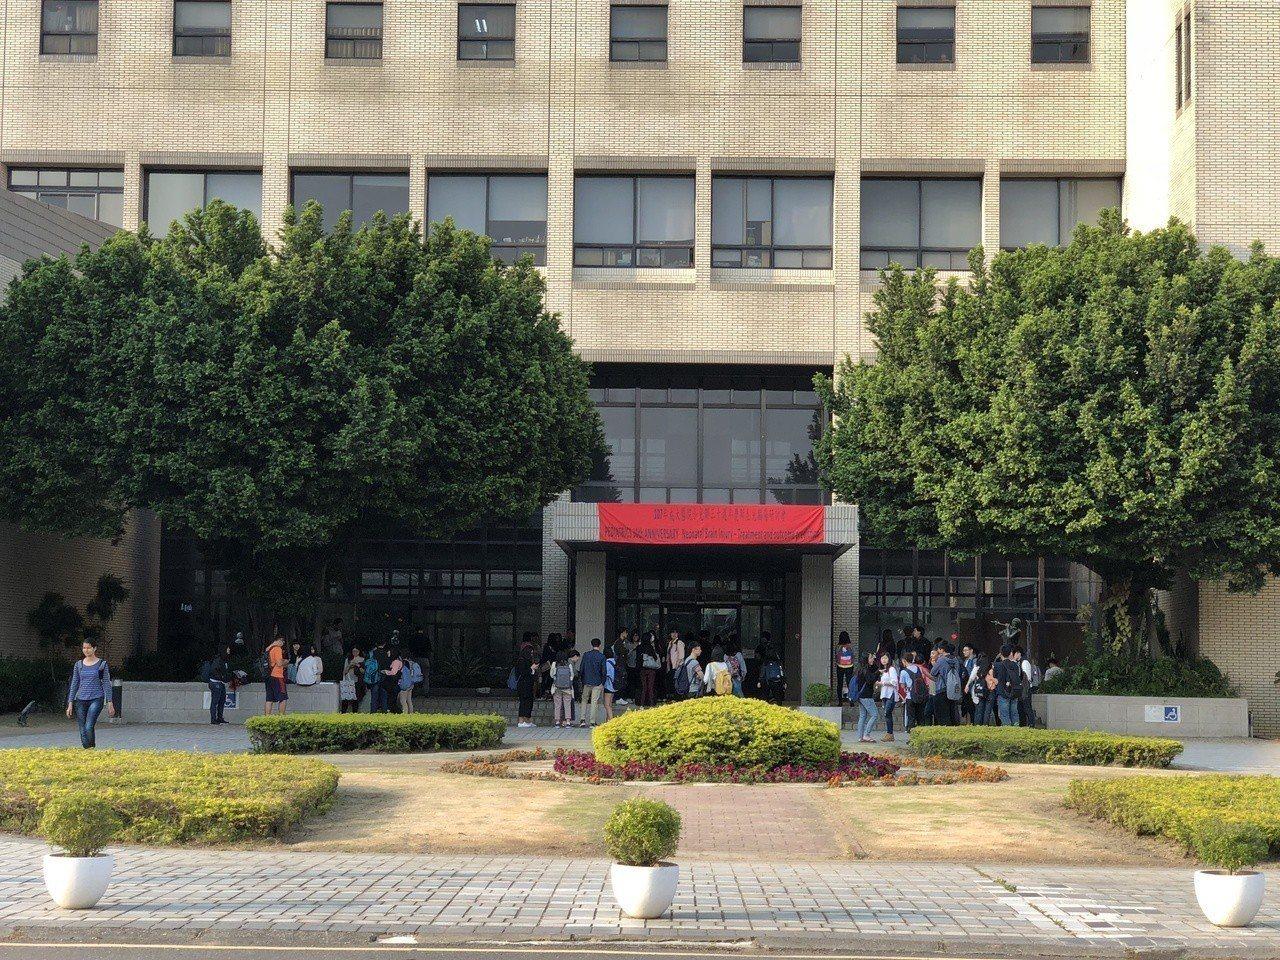 這起意外發生後,大批學生疏散到大樓外廣場等候,直至狀況解除。記者邵心杰/攝影